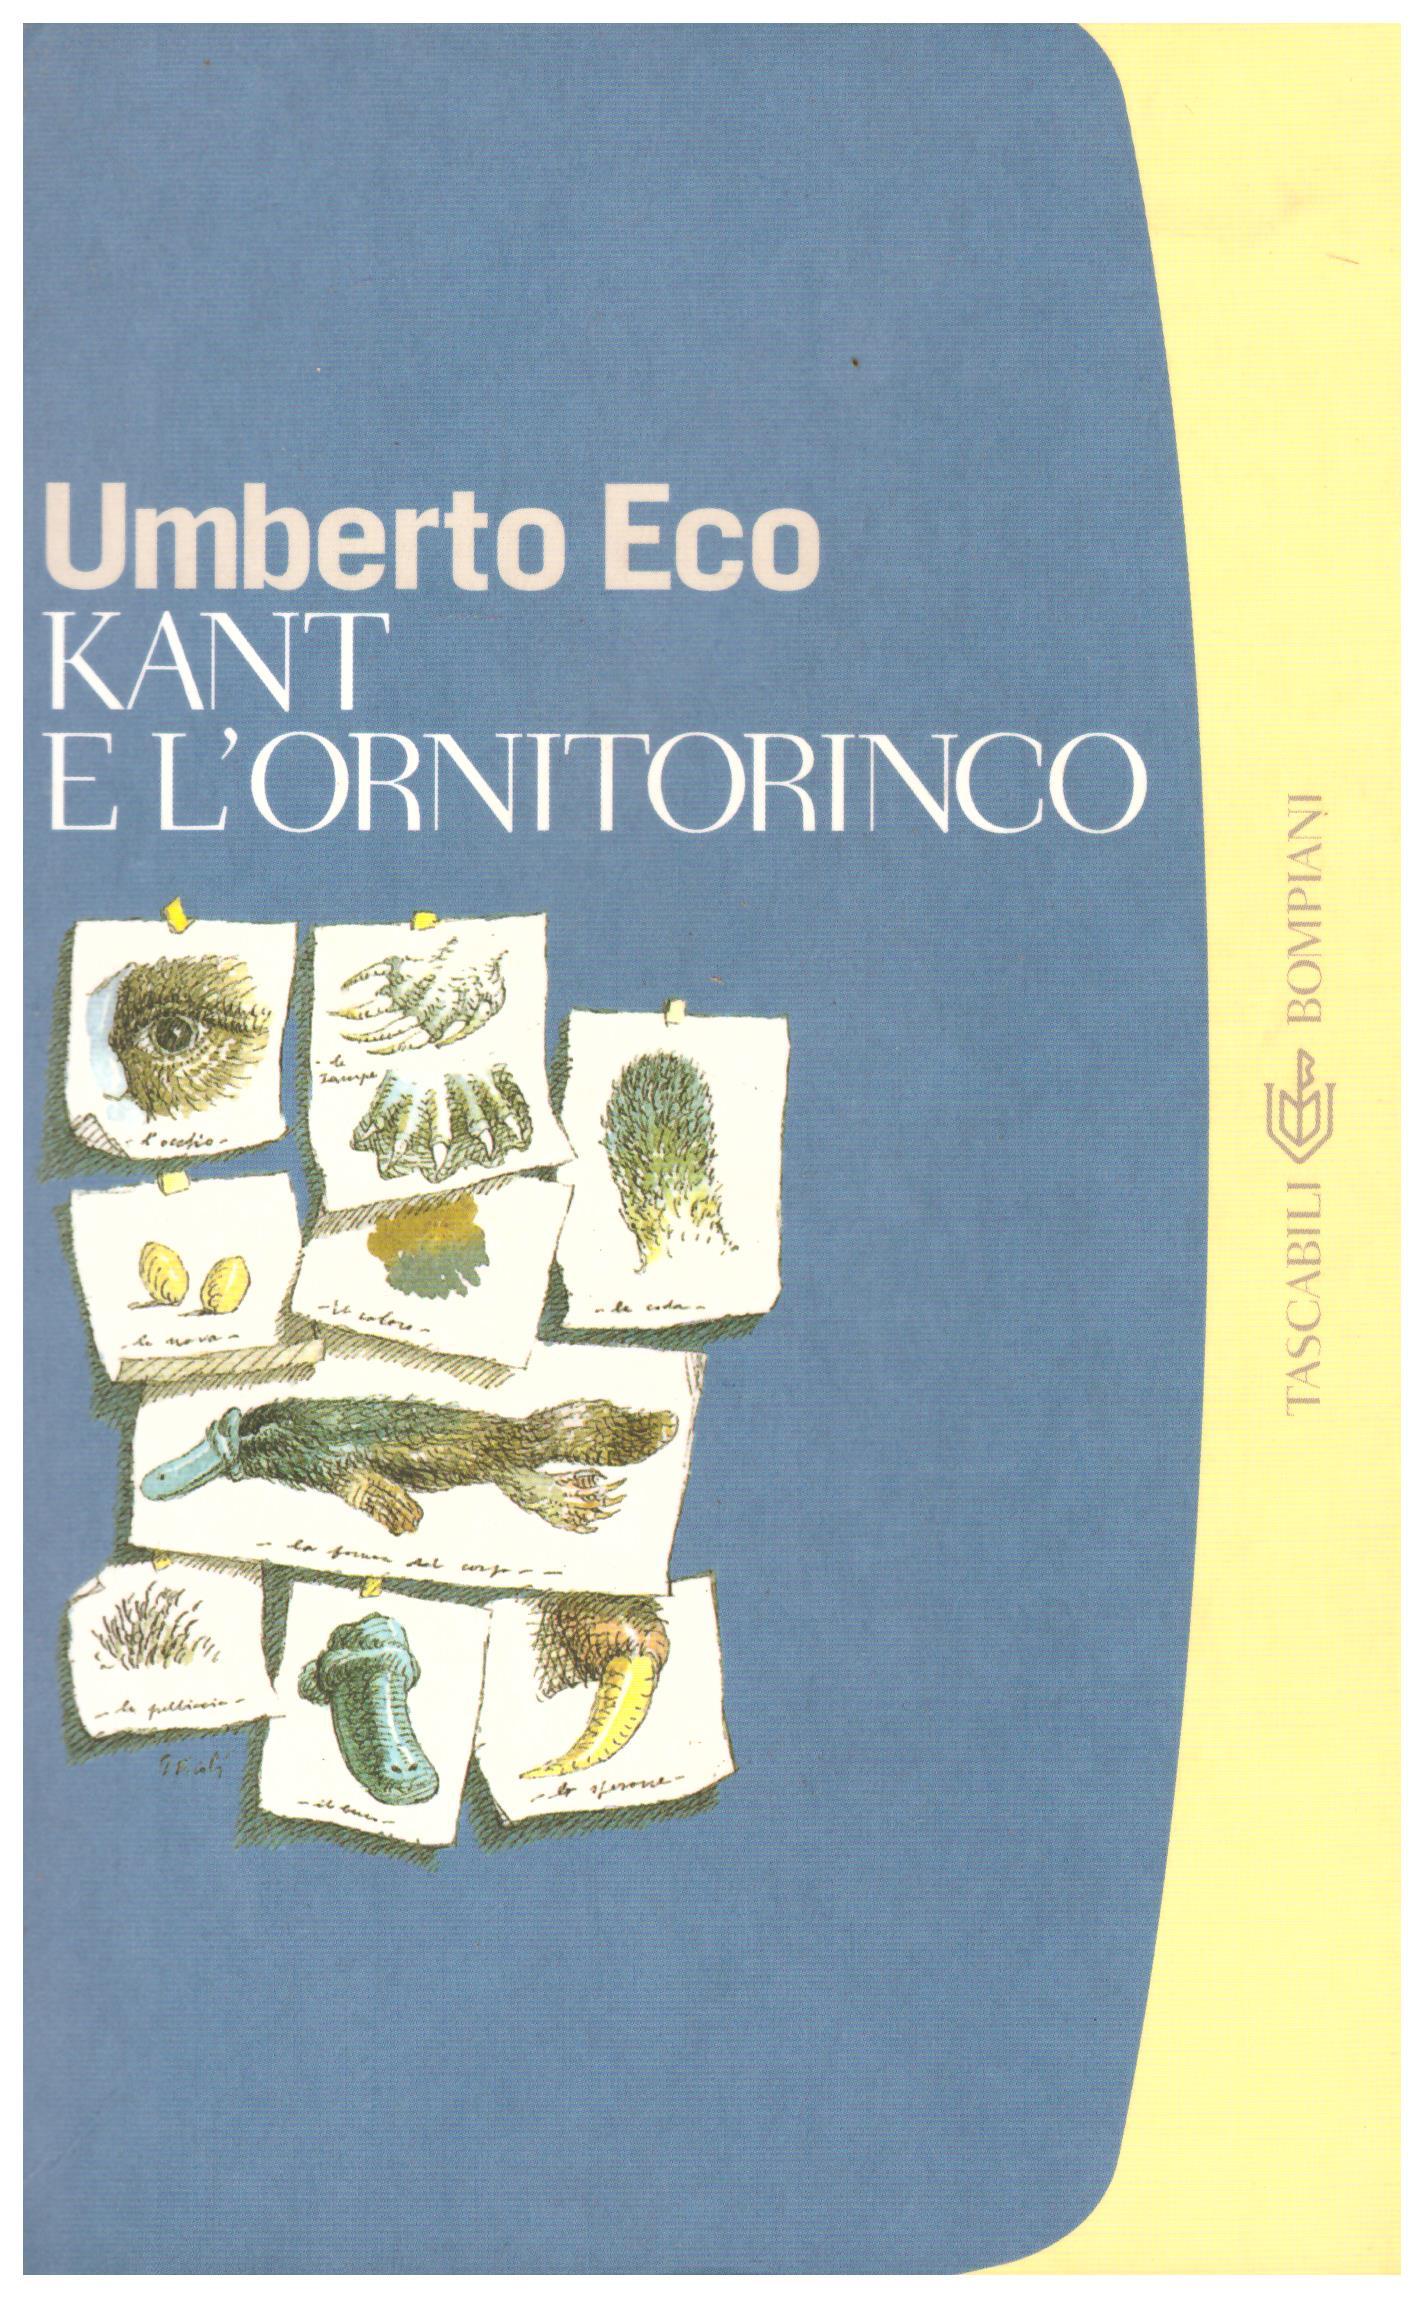 Titolo: Kant e l'ornitorinco Autore: Umberto Eco Editore: Bompiani 2005